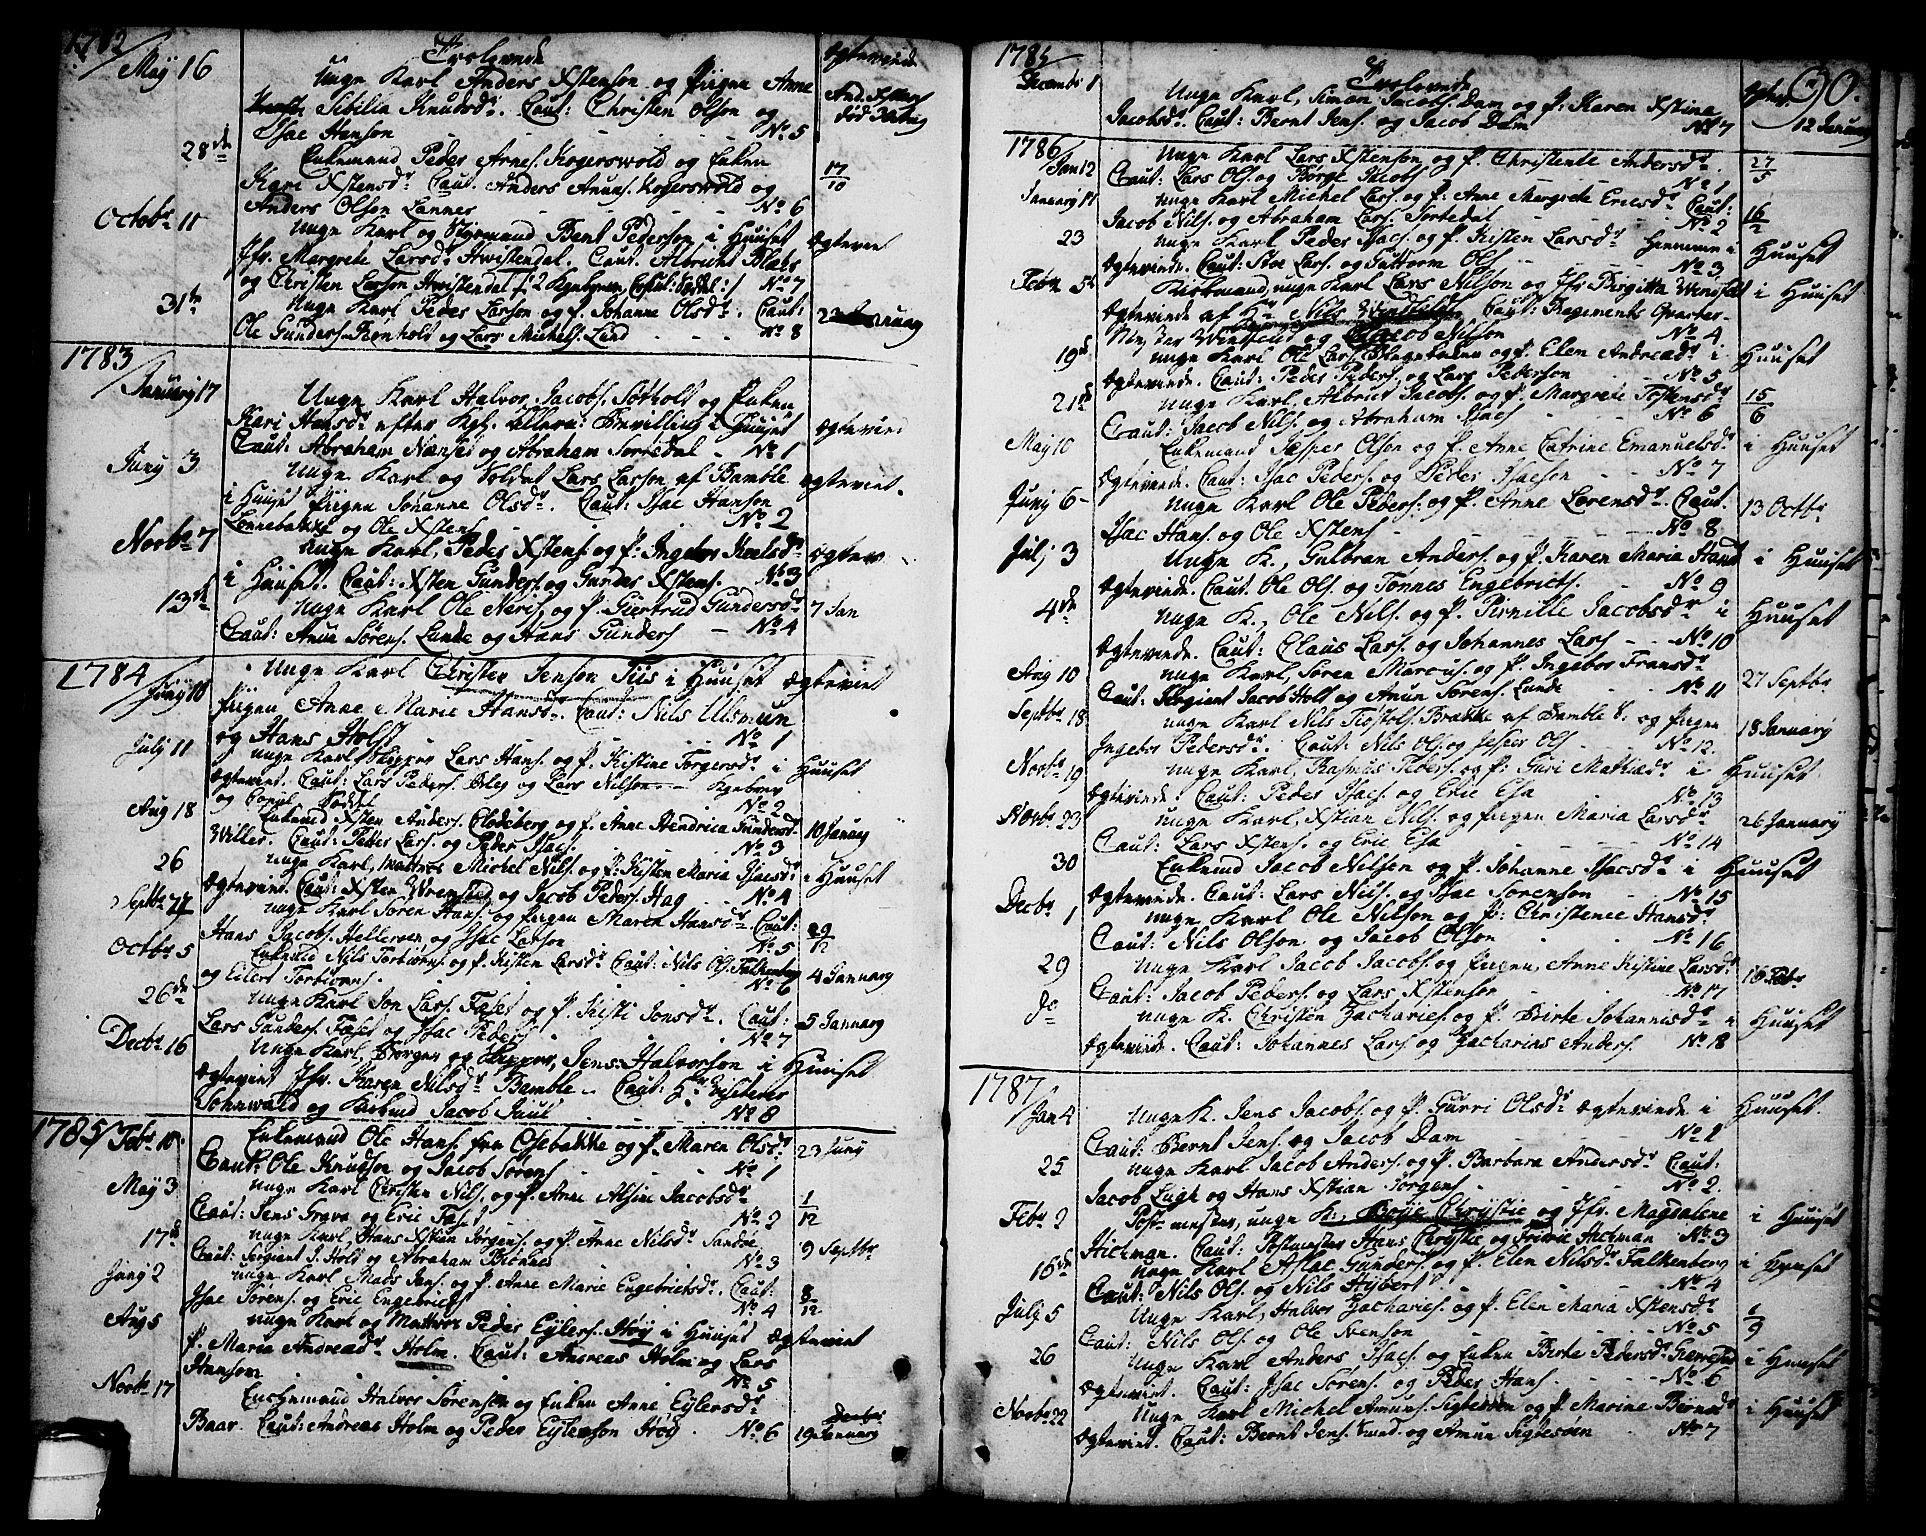 SAKO, Brevik kirkebøker, F/Fa/L0003: Ministerialbok nr. 3, 1764-1814, s. 90